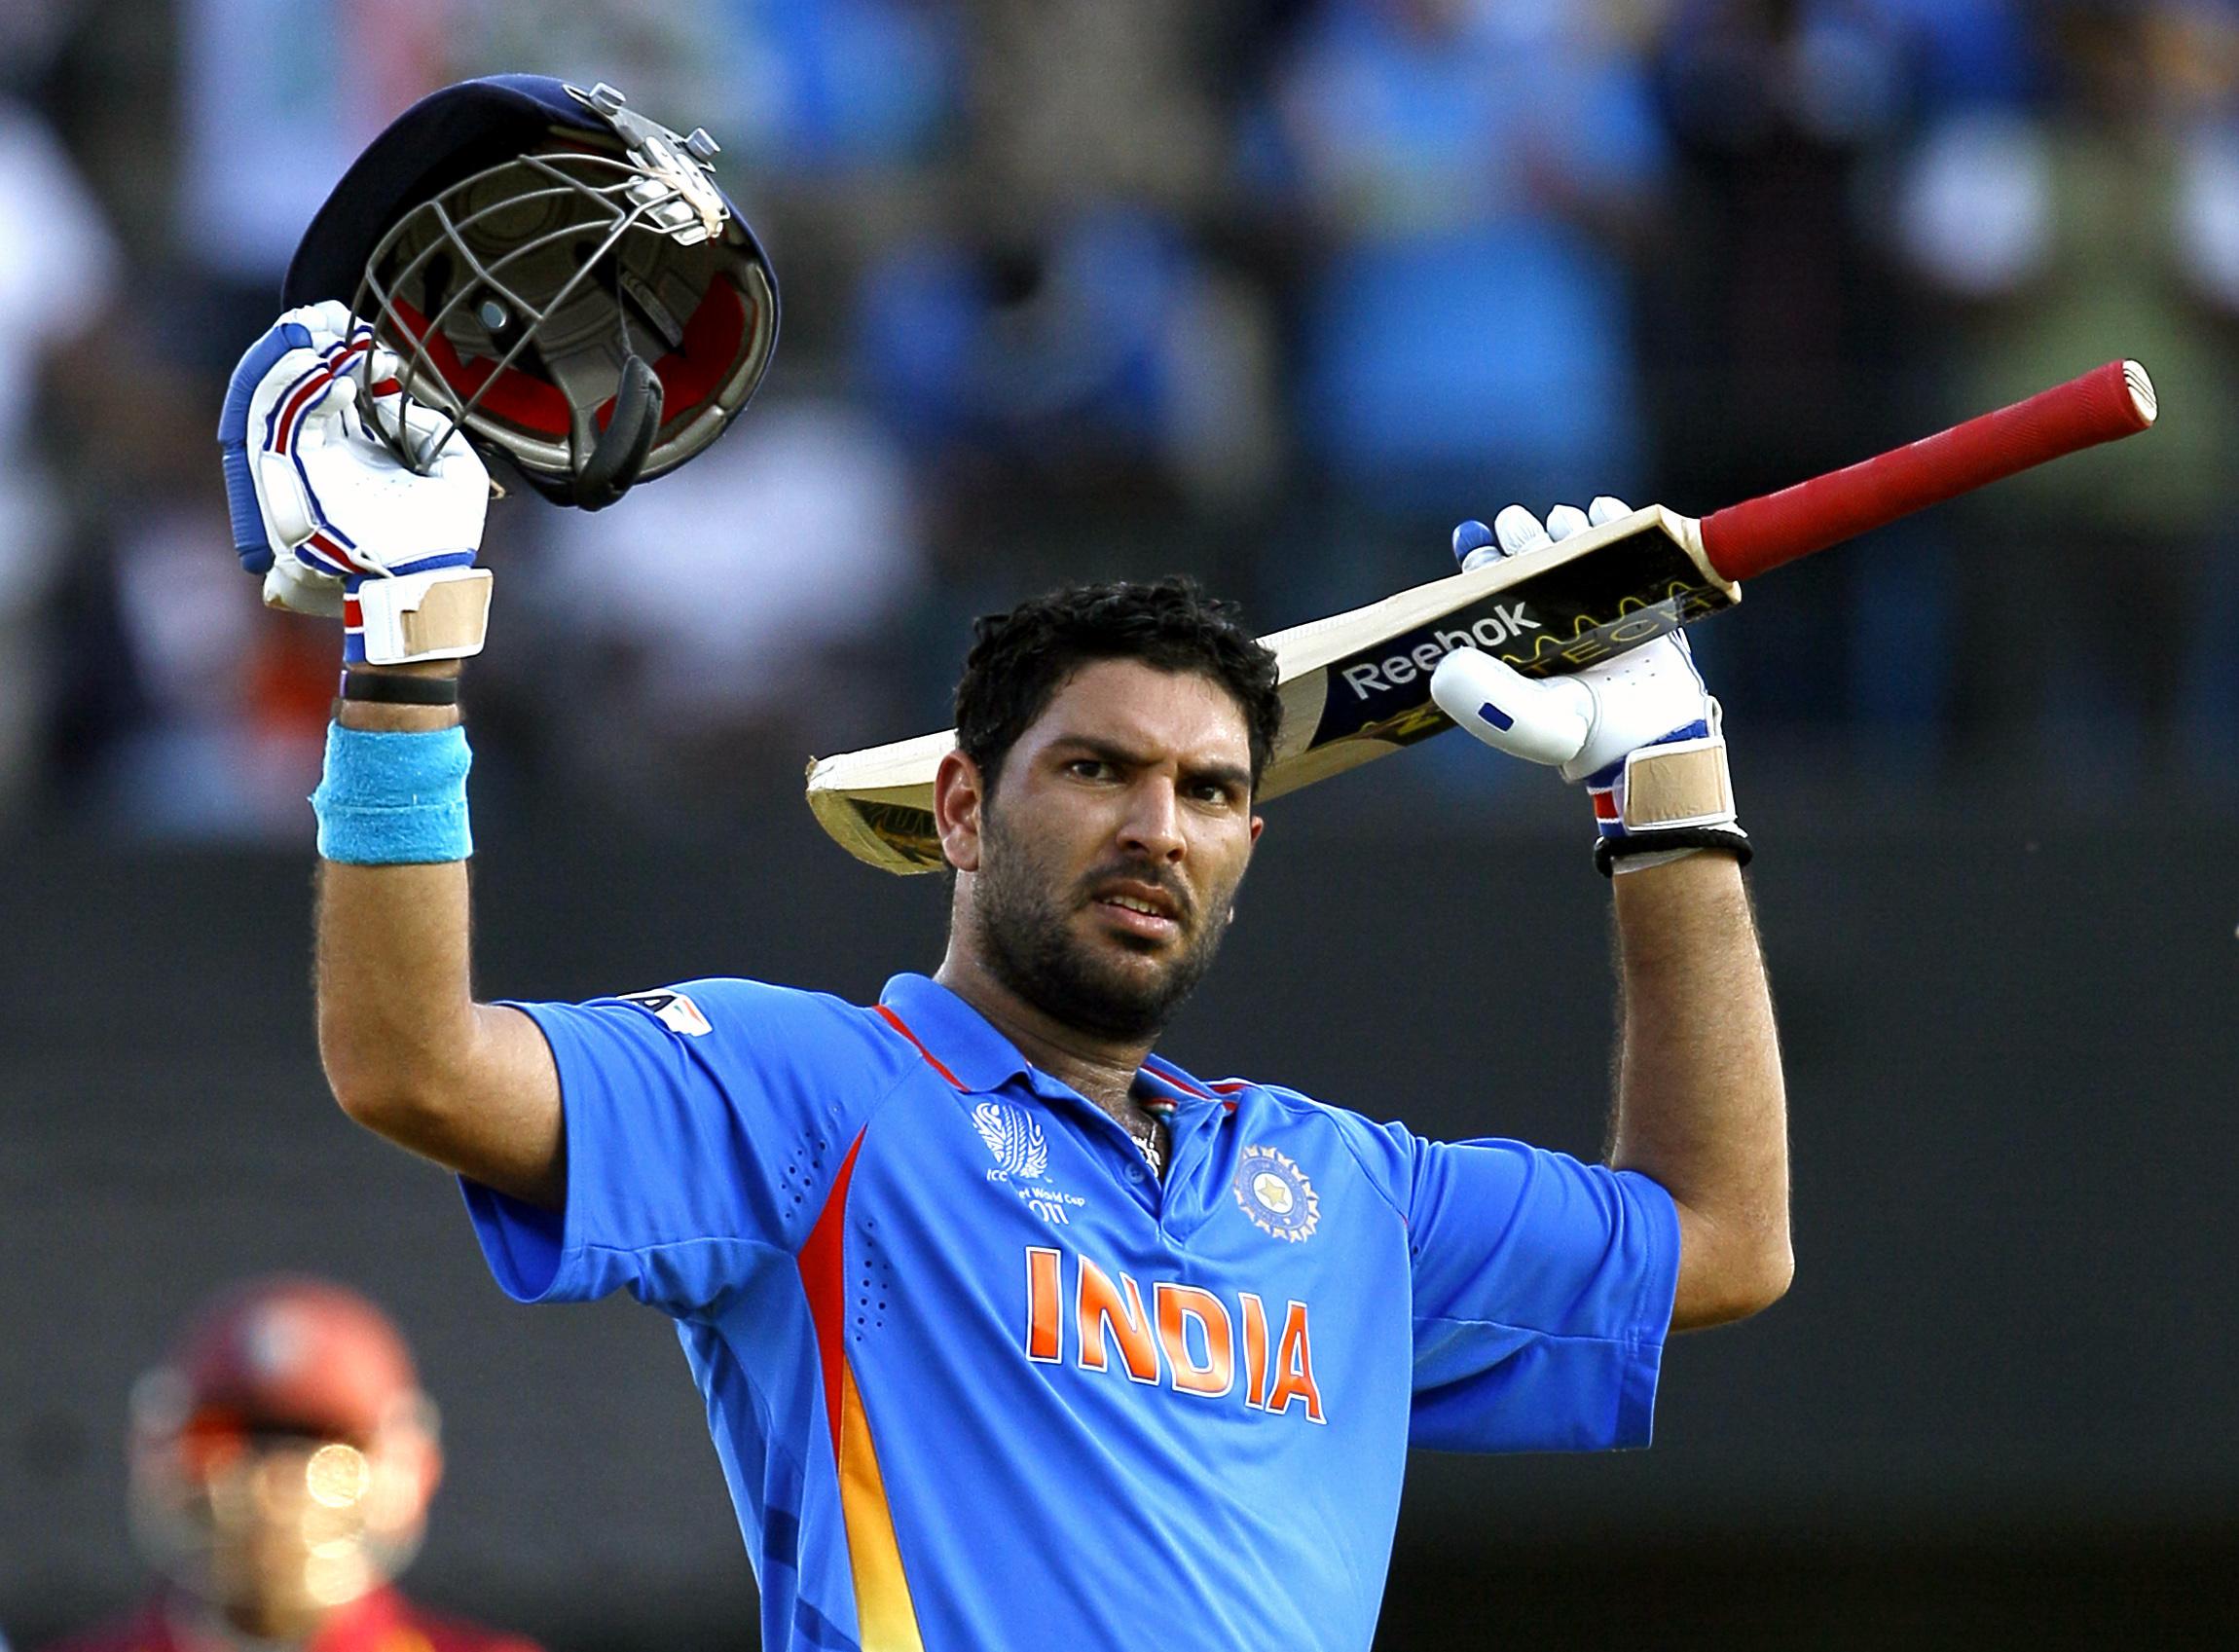 युवराज सिंह को मिला विश्वकप 2019 में जगह तो भारत का विश्वकप जीतना तय, ये रहें 5 कारण